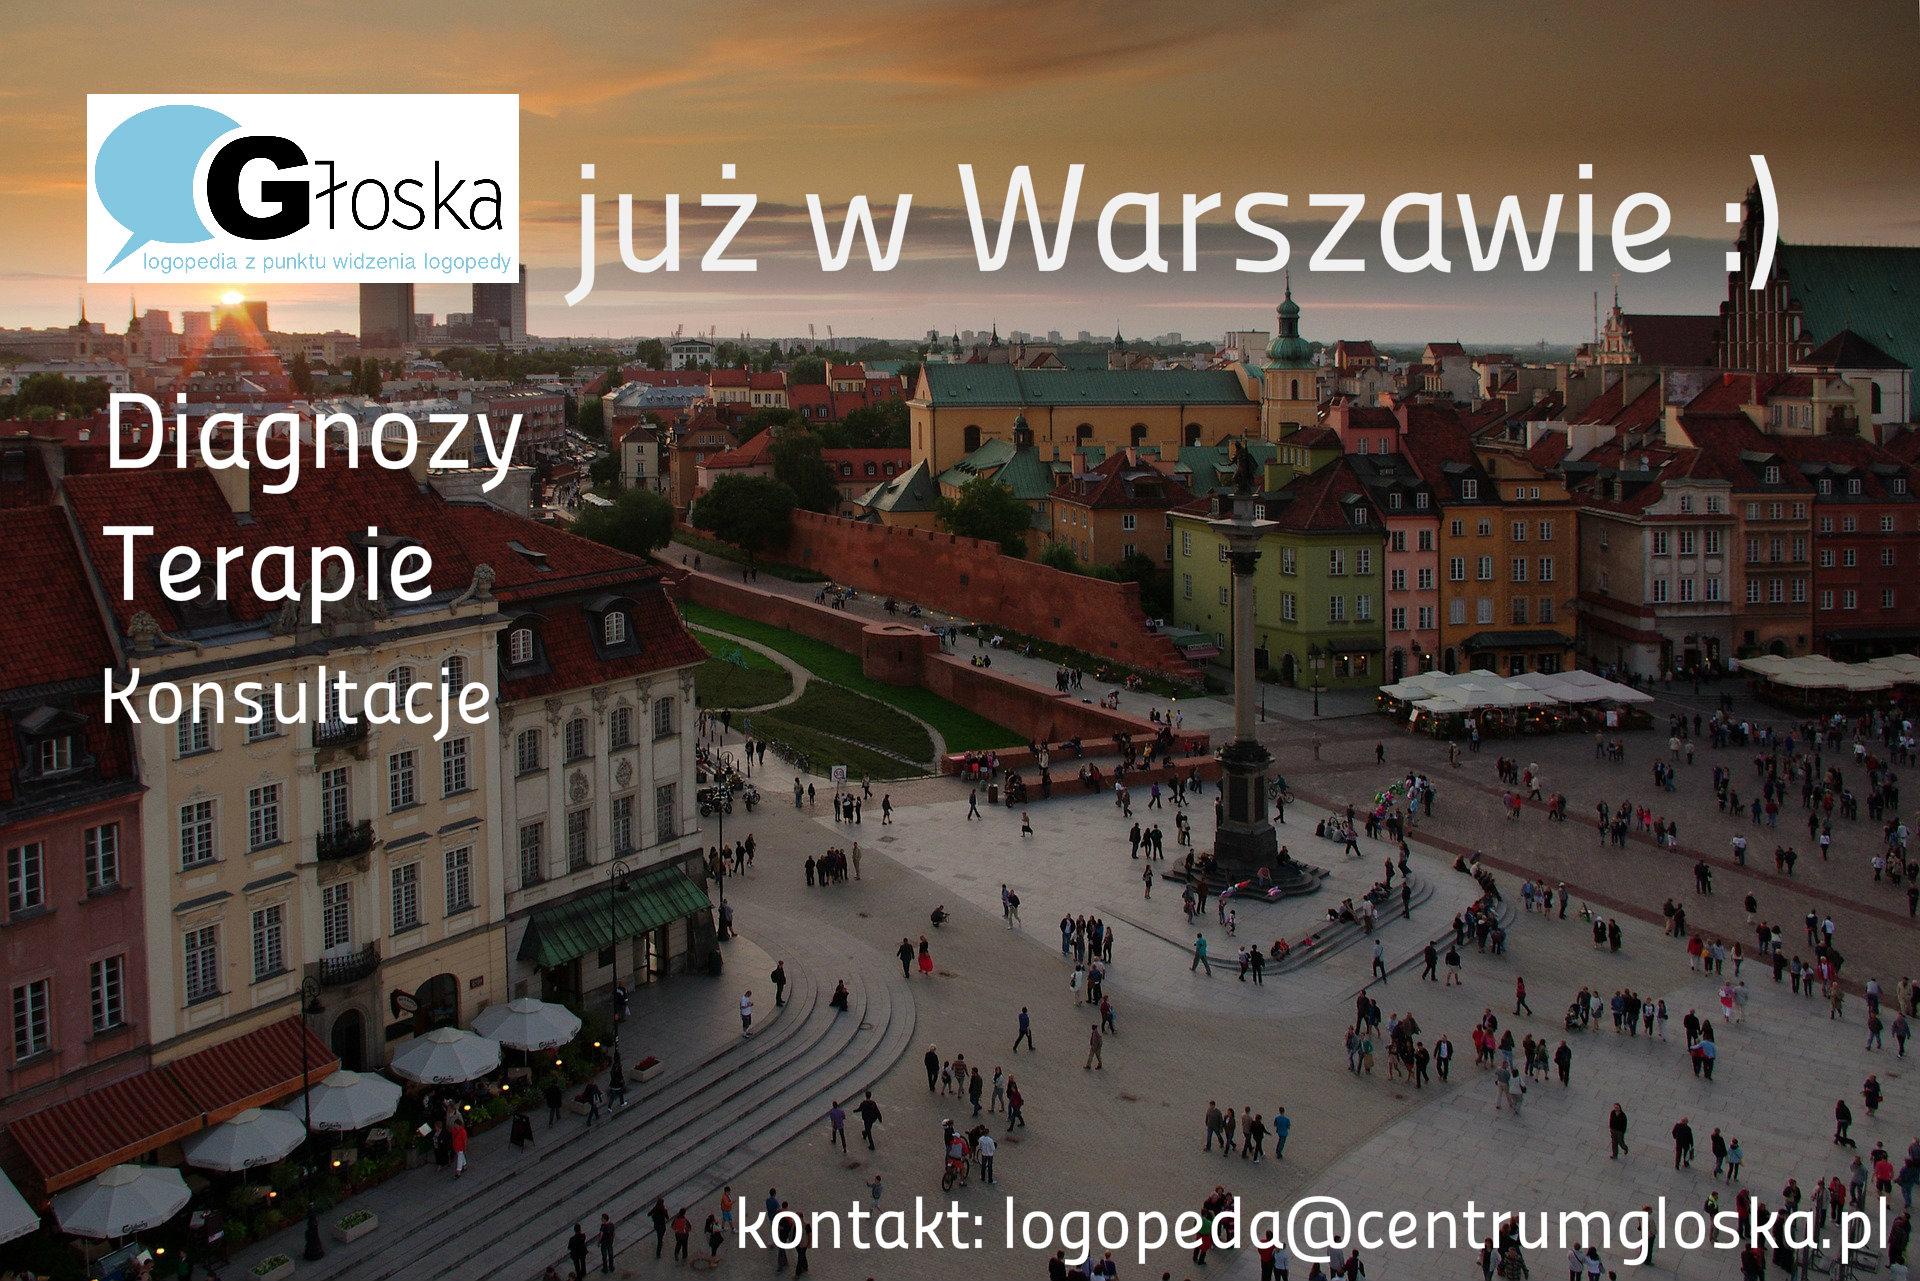 Zmiany, zmiany, zmiany – Logopeda w Warszawie